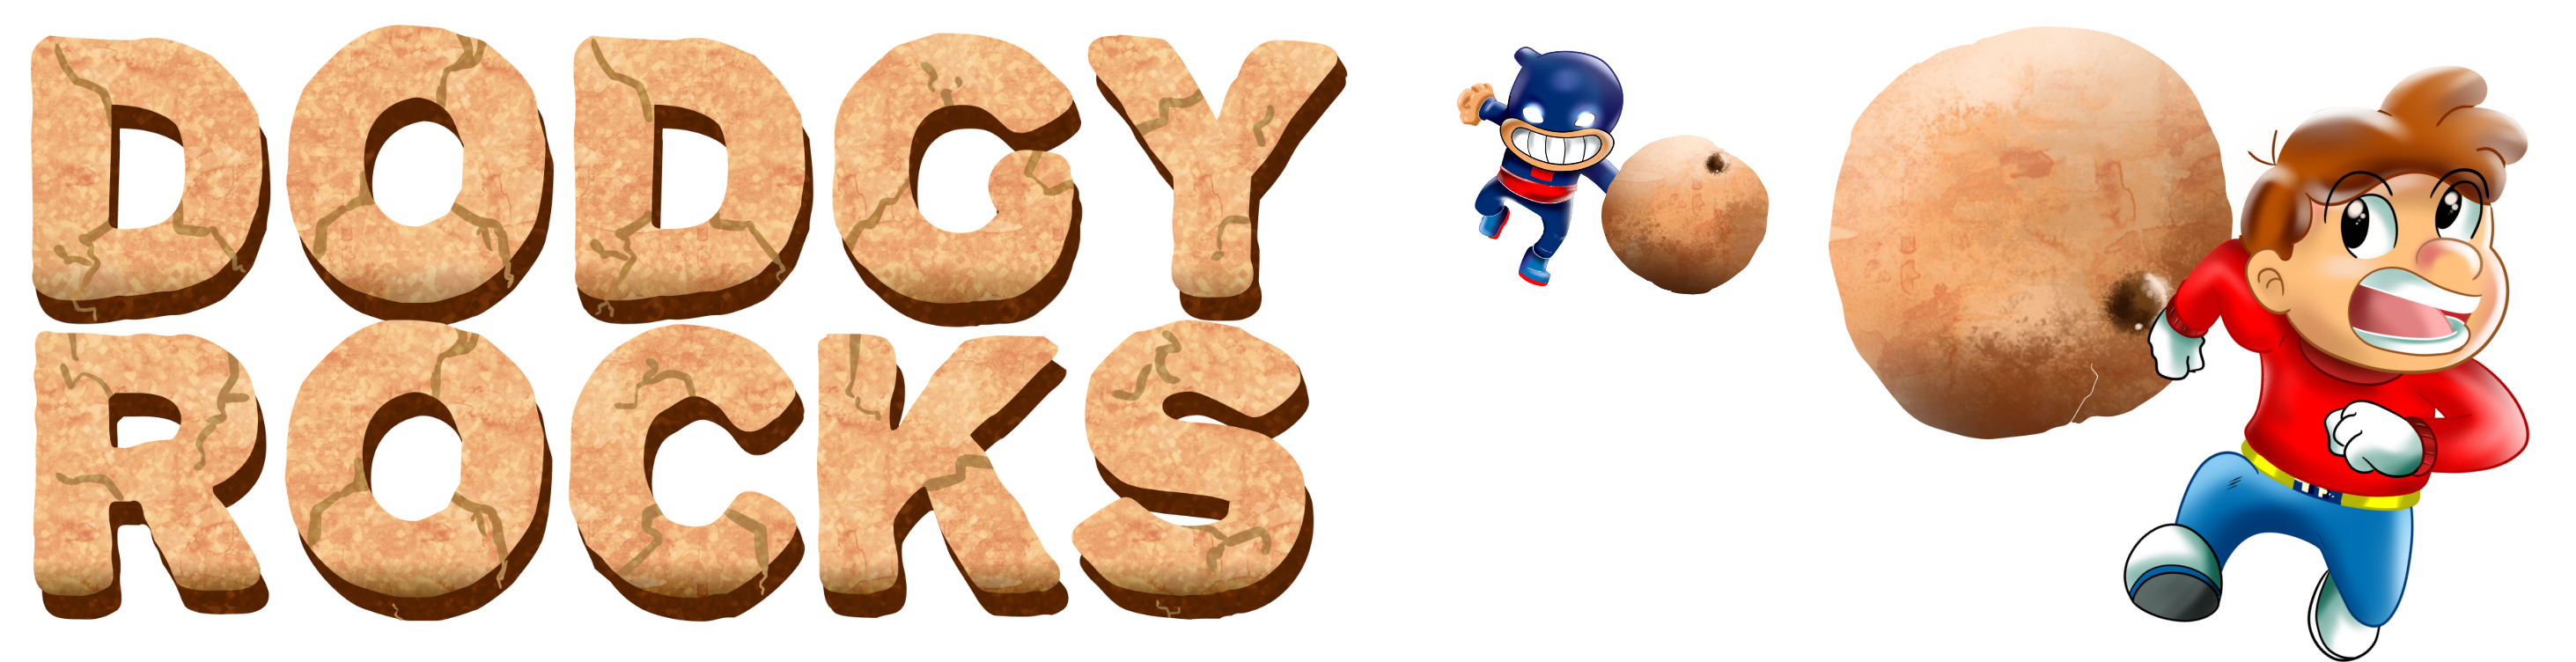 dodgyrocks-banner-1.png